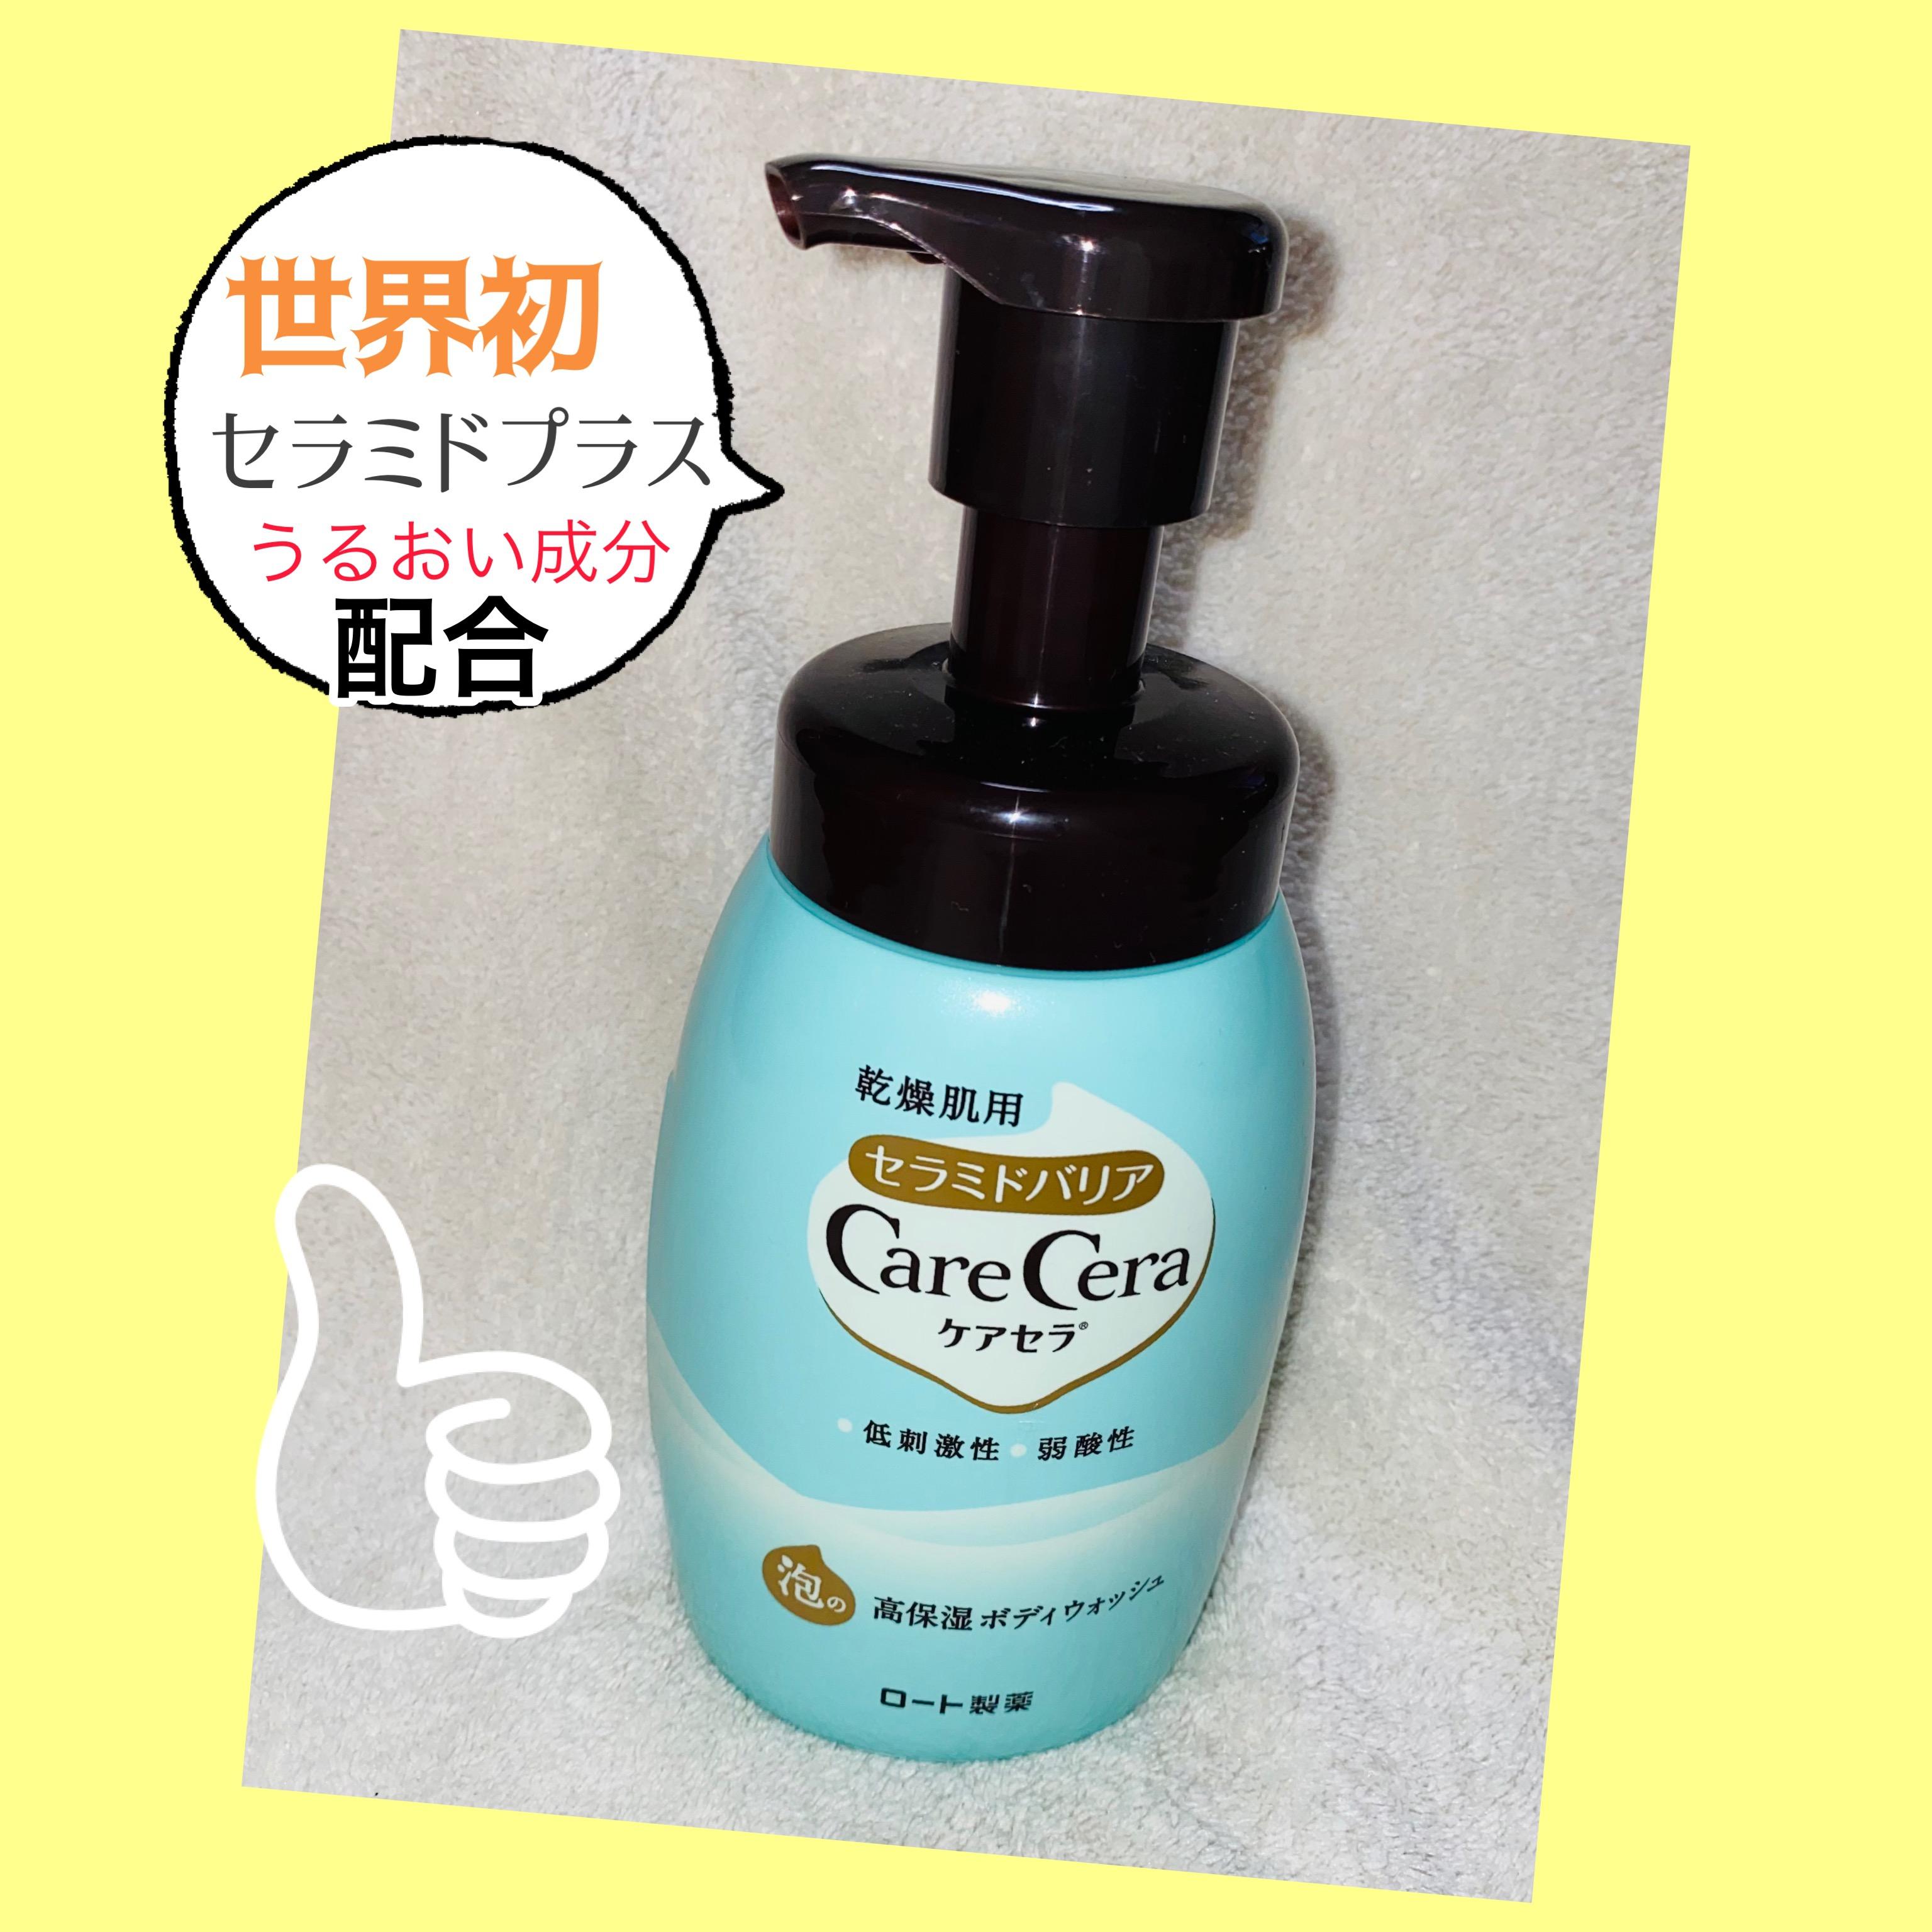 CareCera(ケアセラ) 泡の高保湿ボディウォッシュの良い点・メリットに関するマイピコブーさんの口コミ画像2